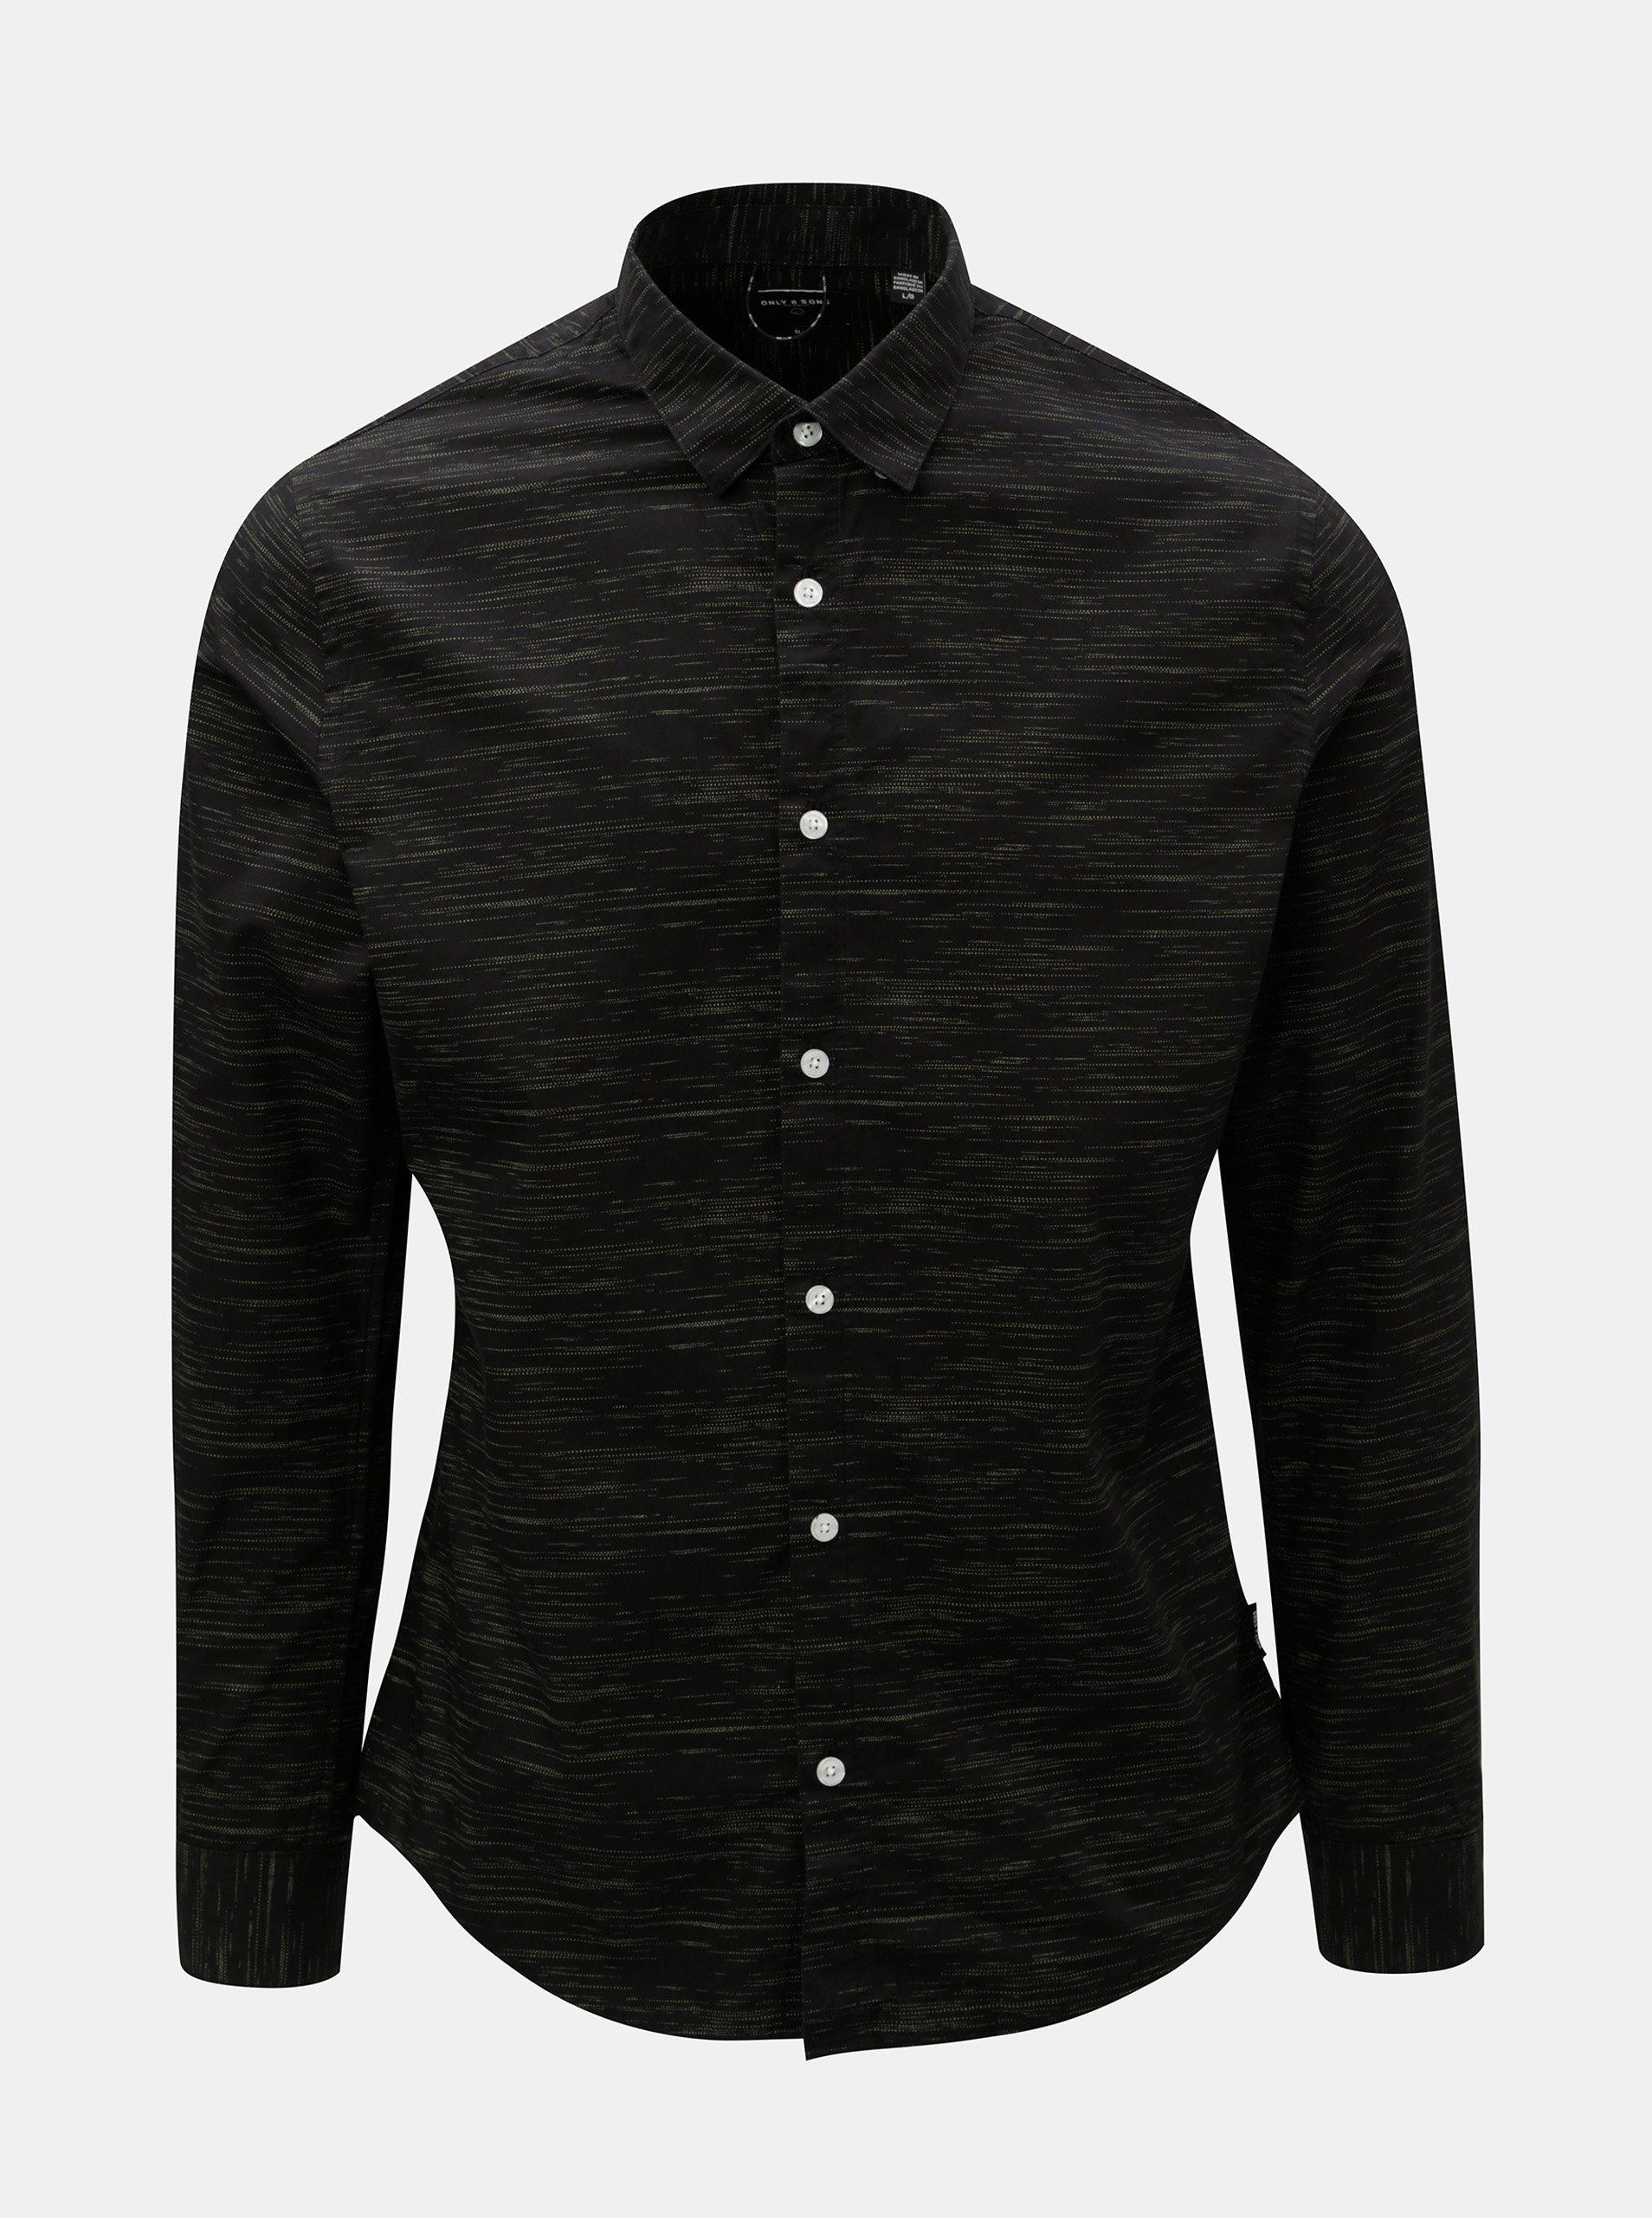 0d5747f4d56 Černá žíhaná slim fit košile ONLY   SONS Oneill